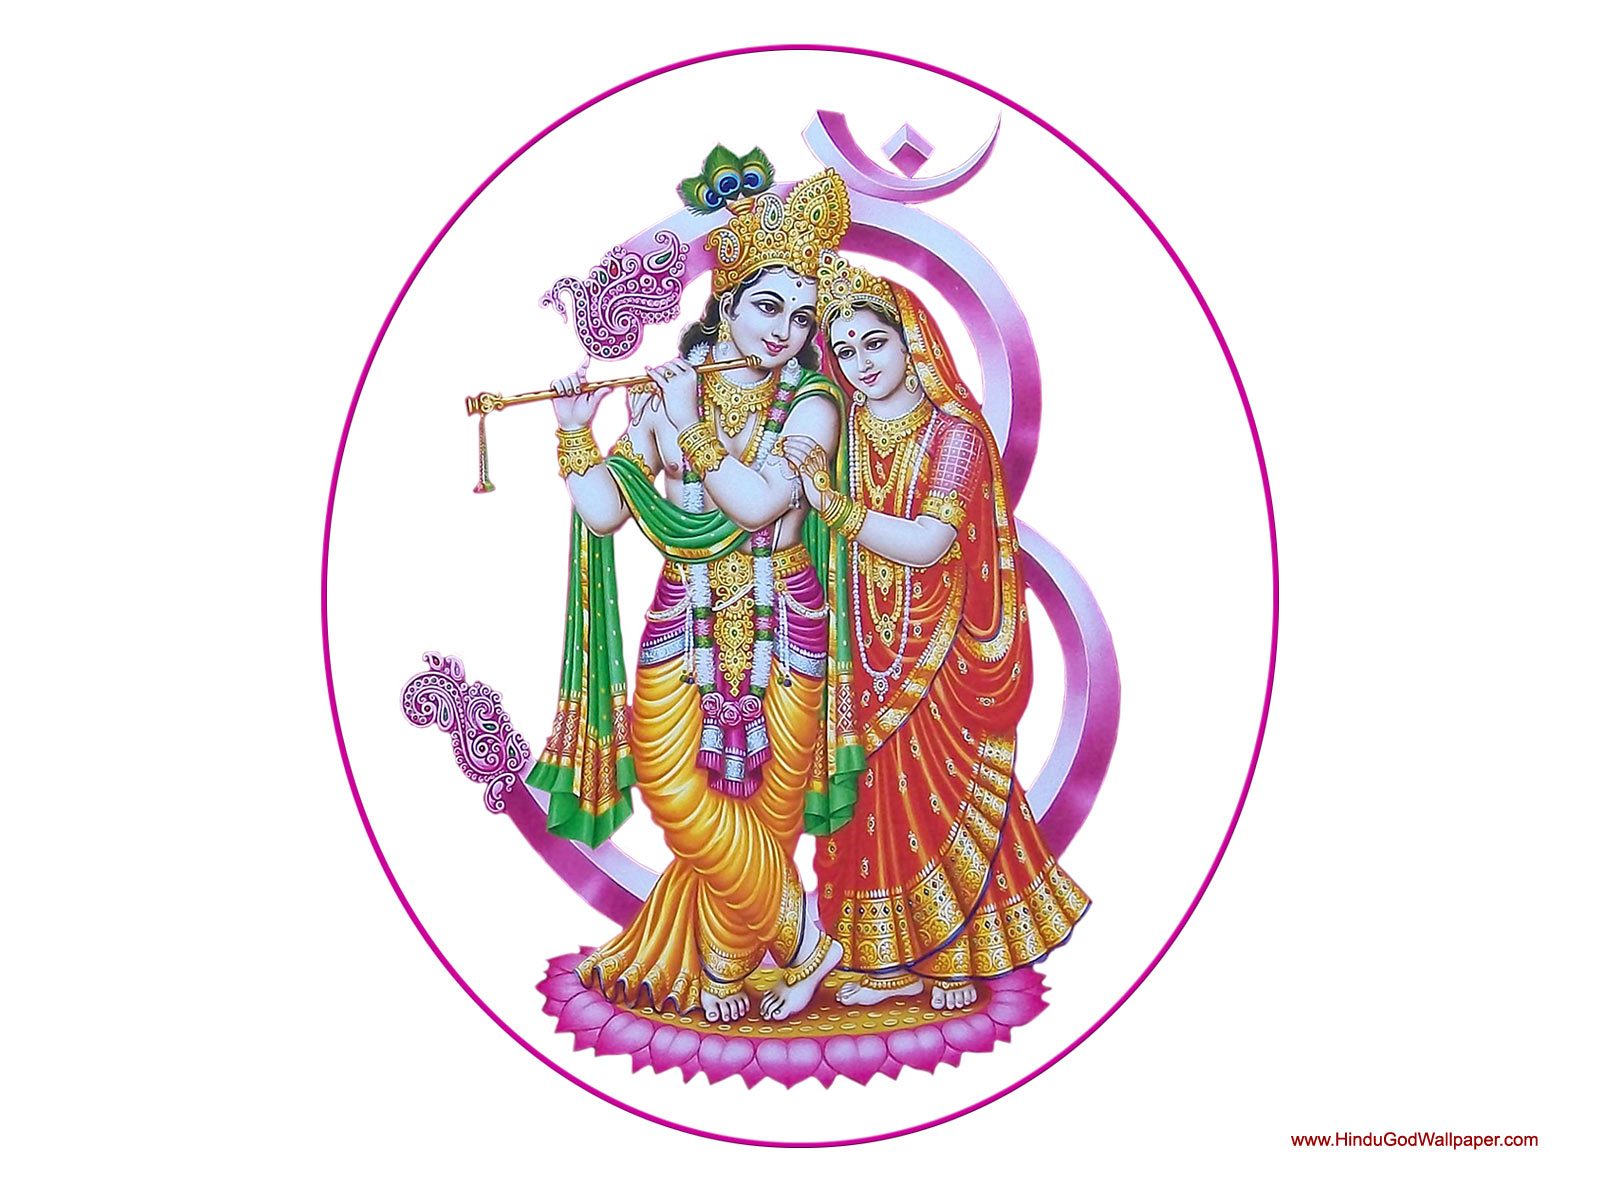 Free Download Radha Krishna Wallpapers - Radha Krishna, Transparent background PNG HD thumbnail